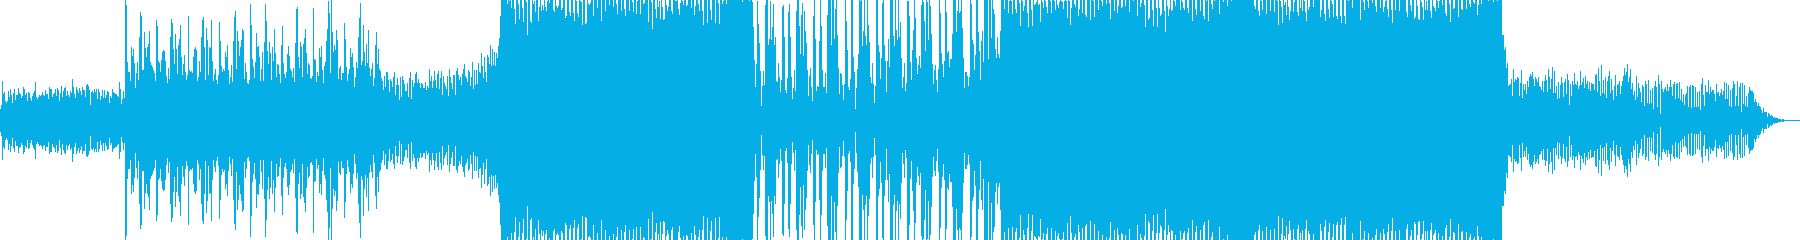 浮遊感のあるシンセの音が特徴のテクノの再生済みの波形